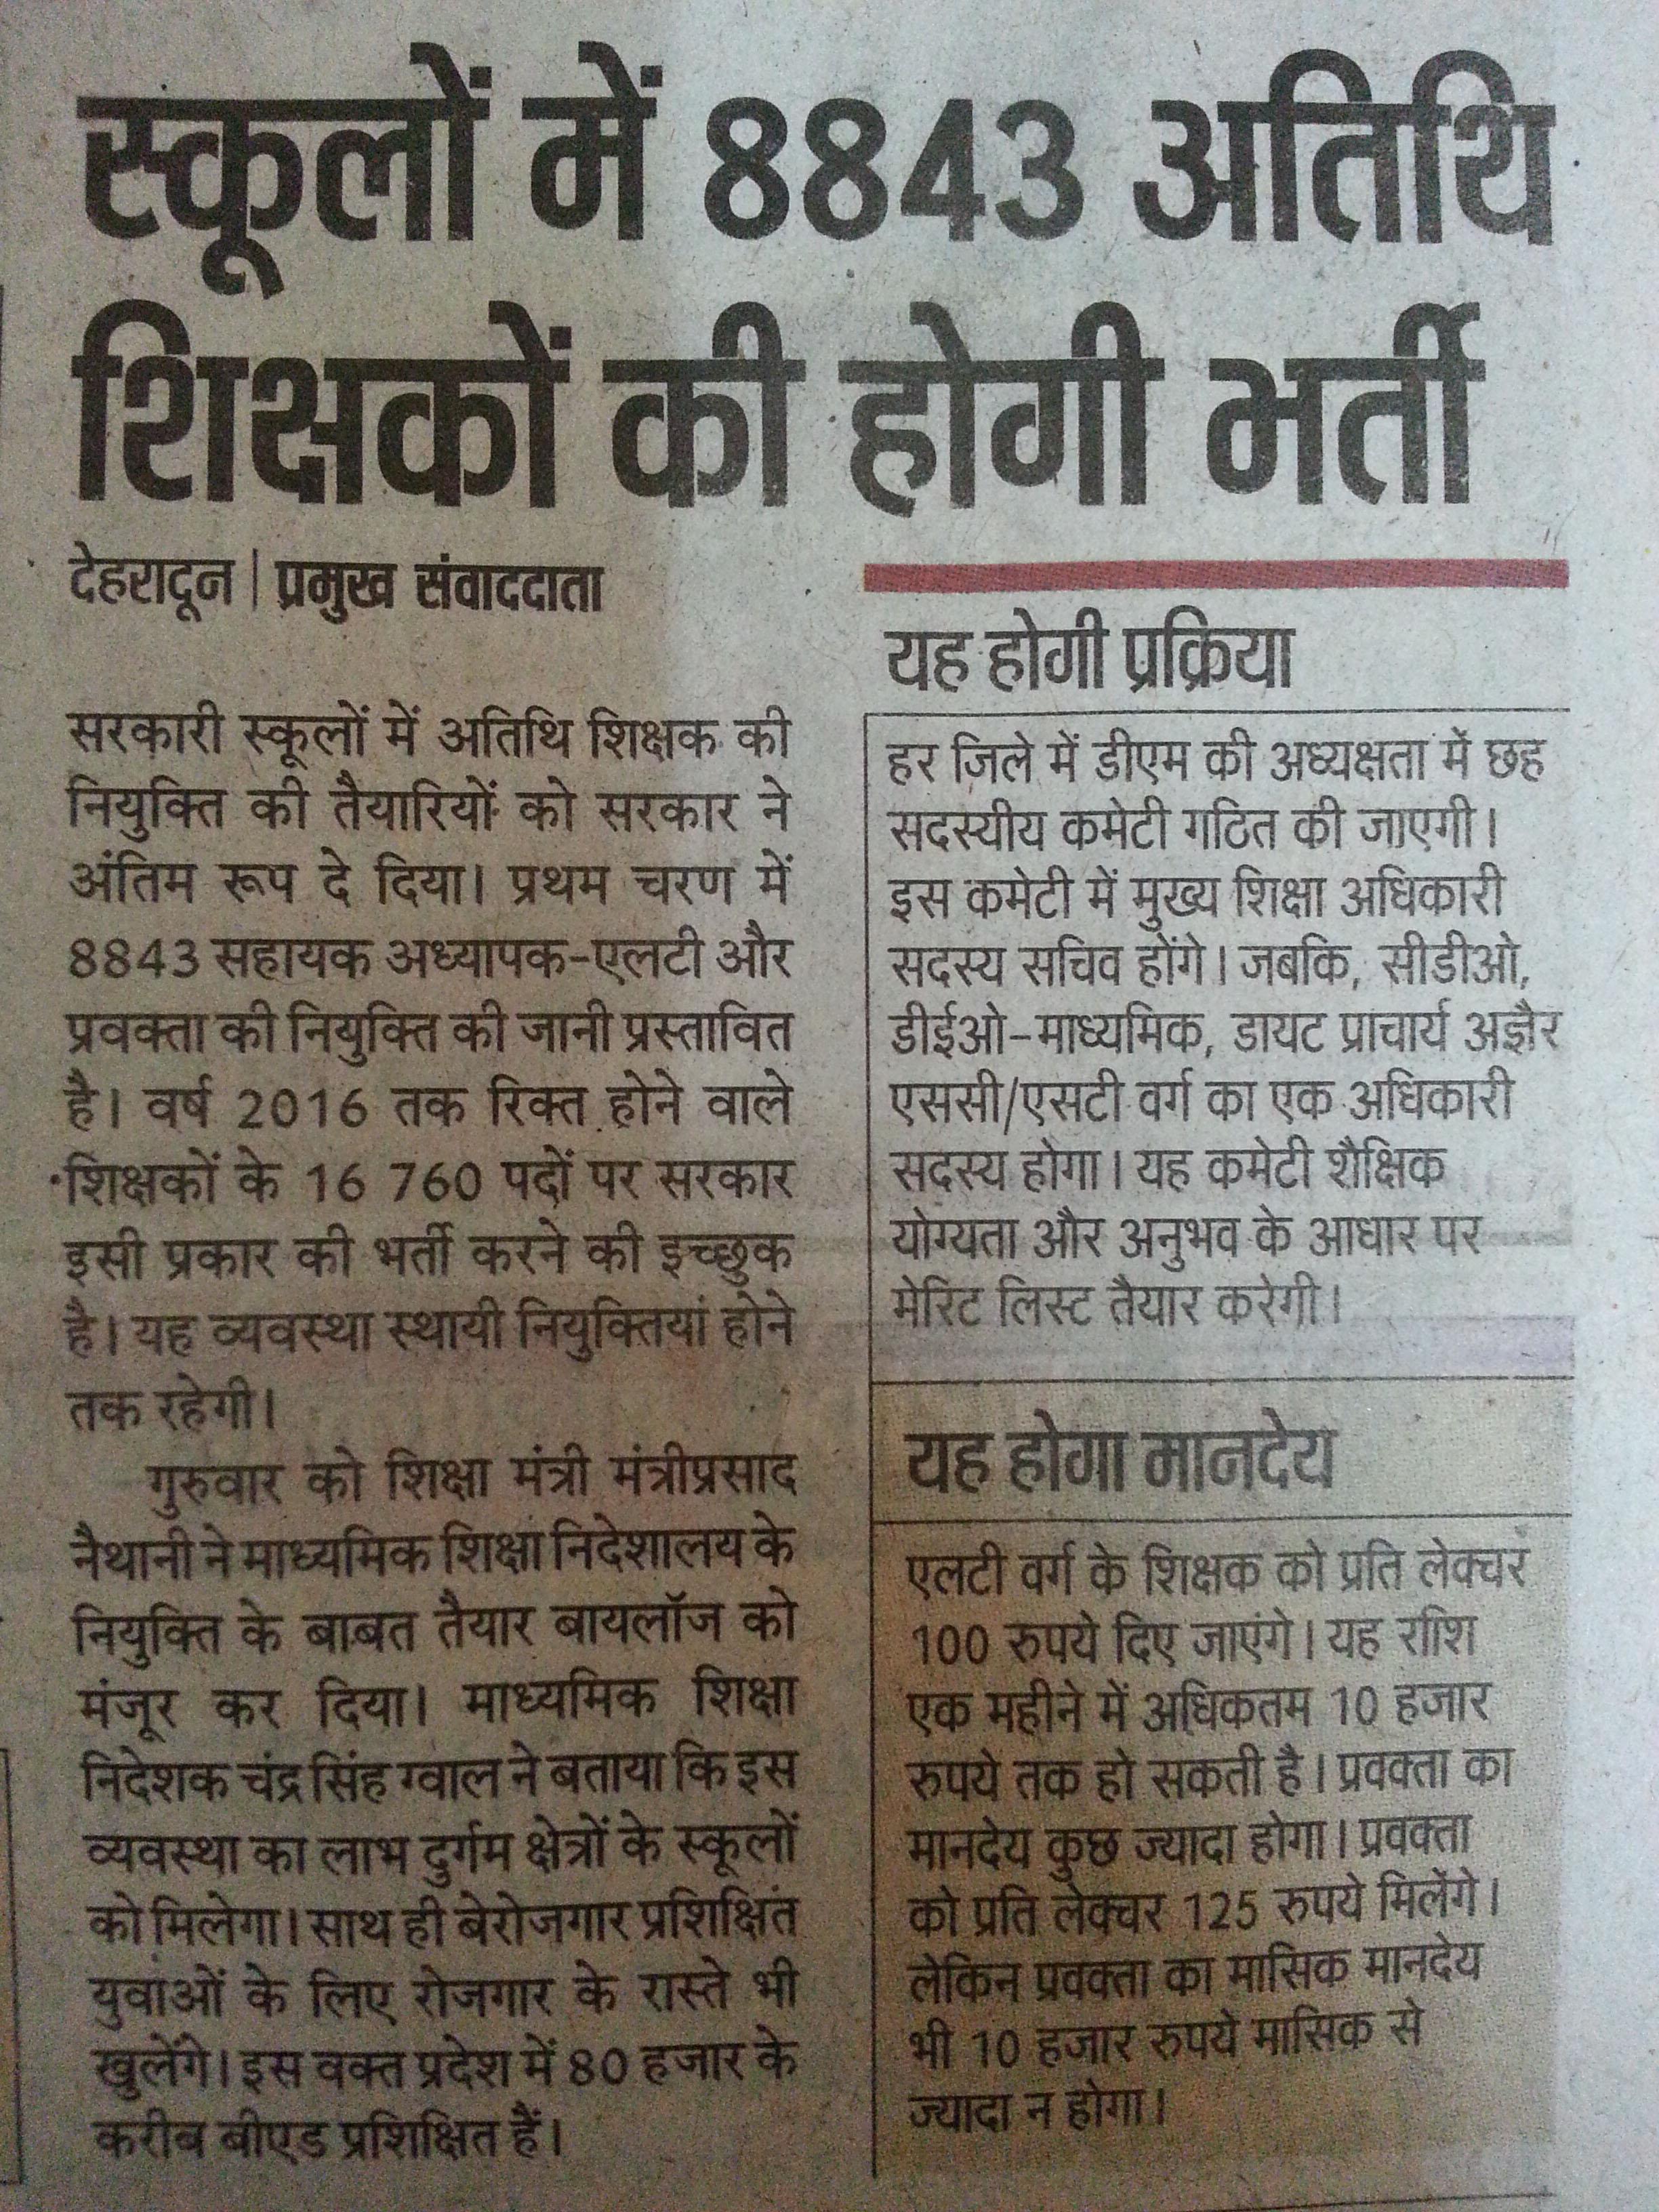 Uttarakhand Guest Teacher Recruitment